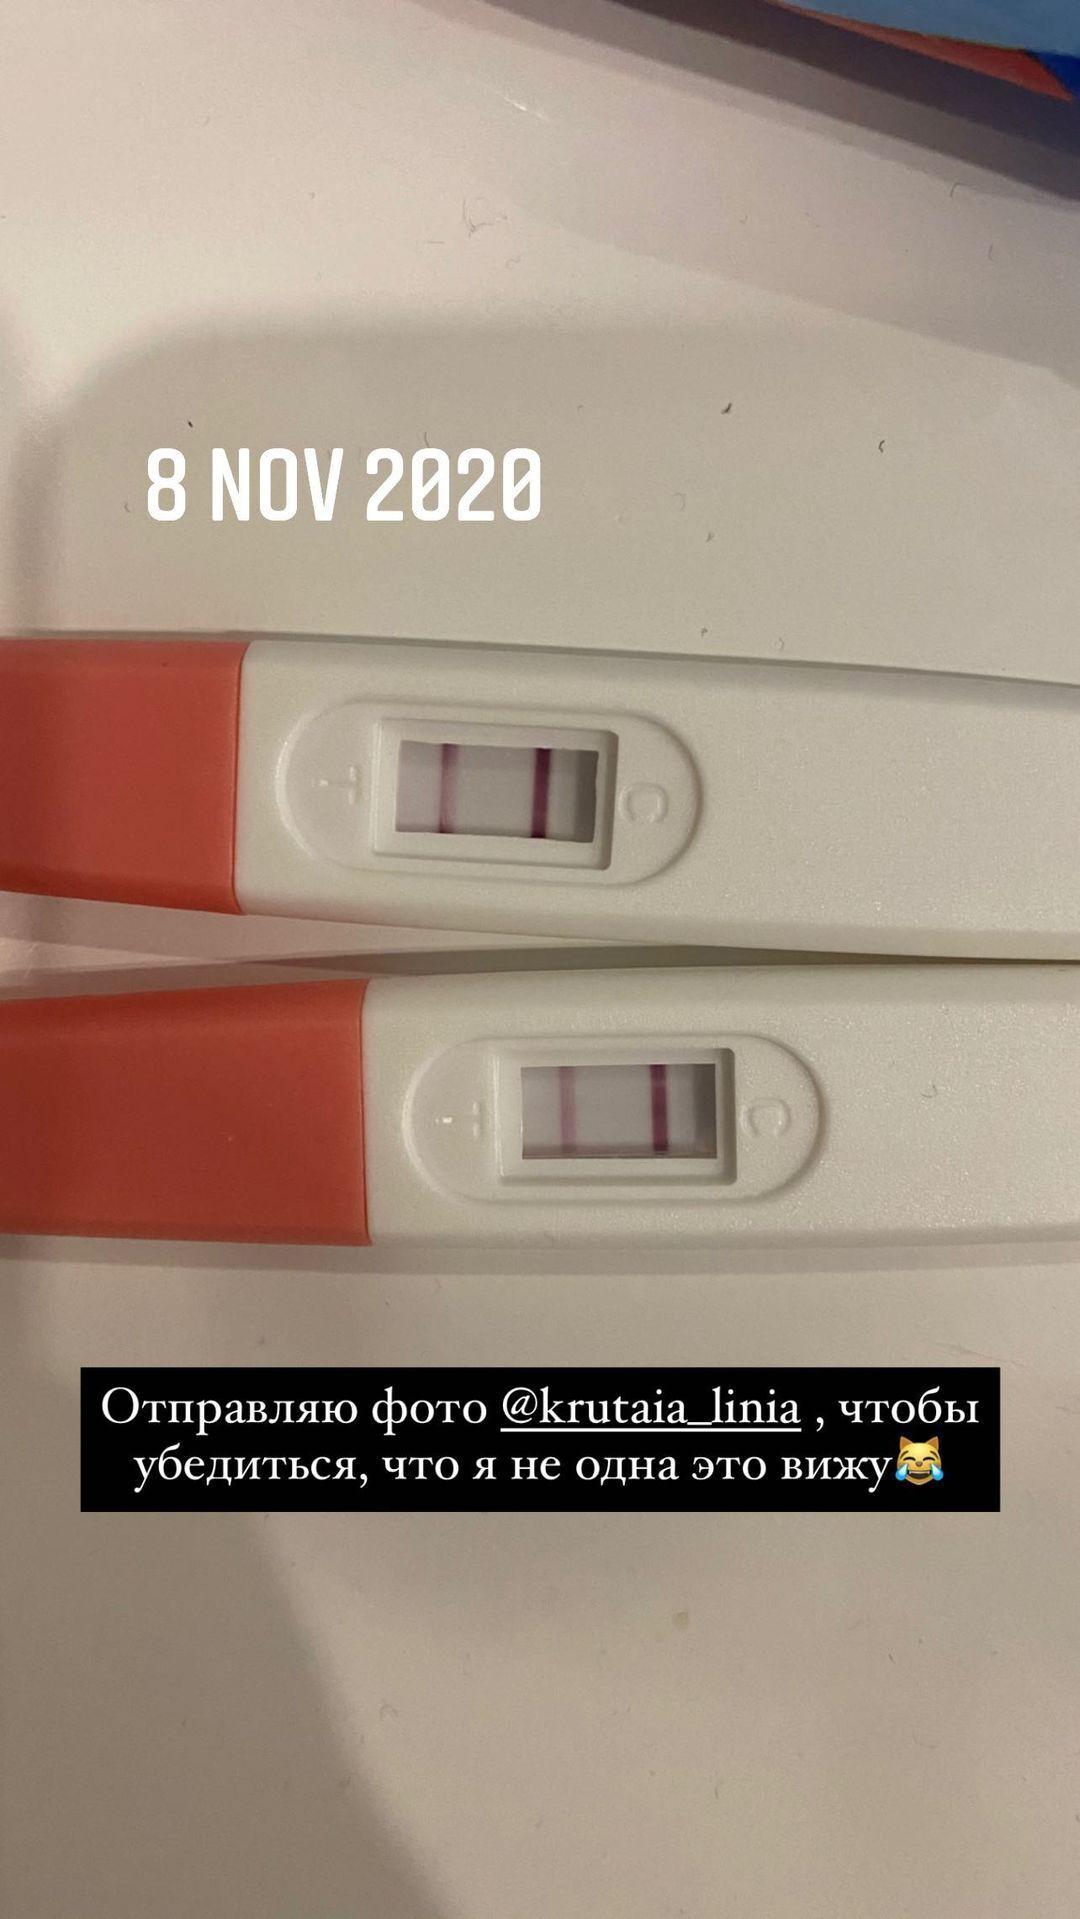 Квіткова показала тест на вагітність